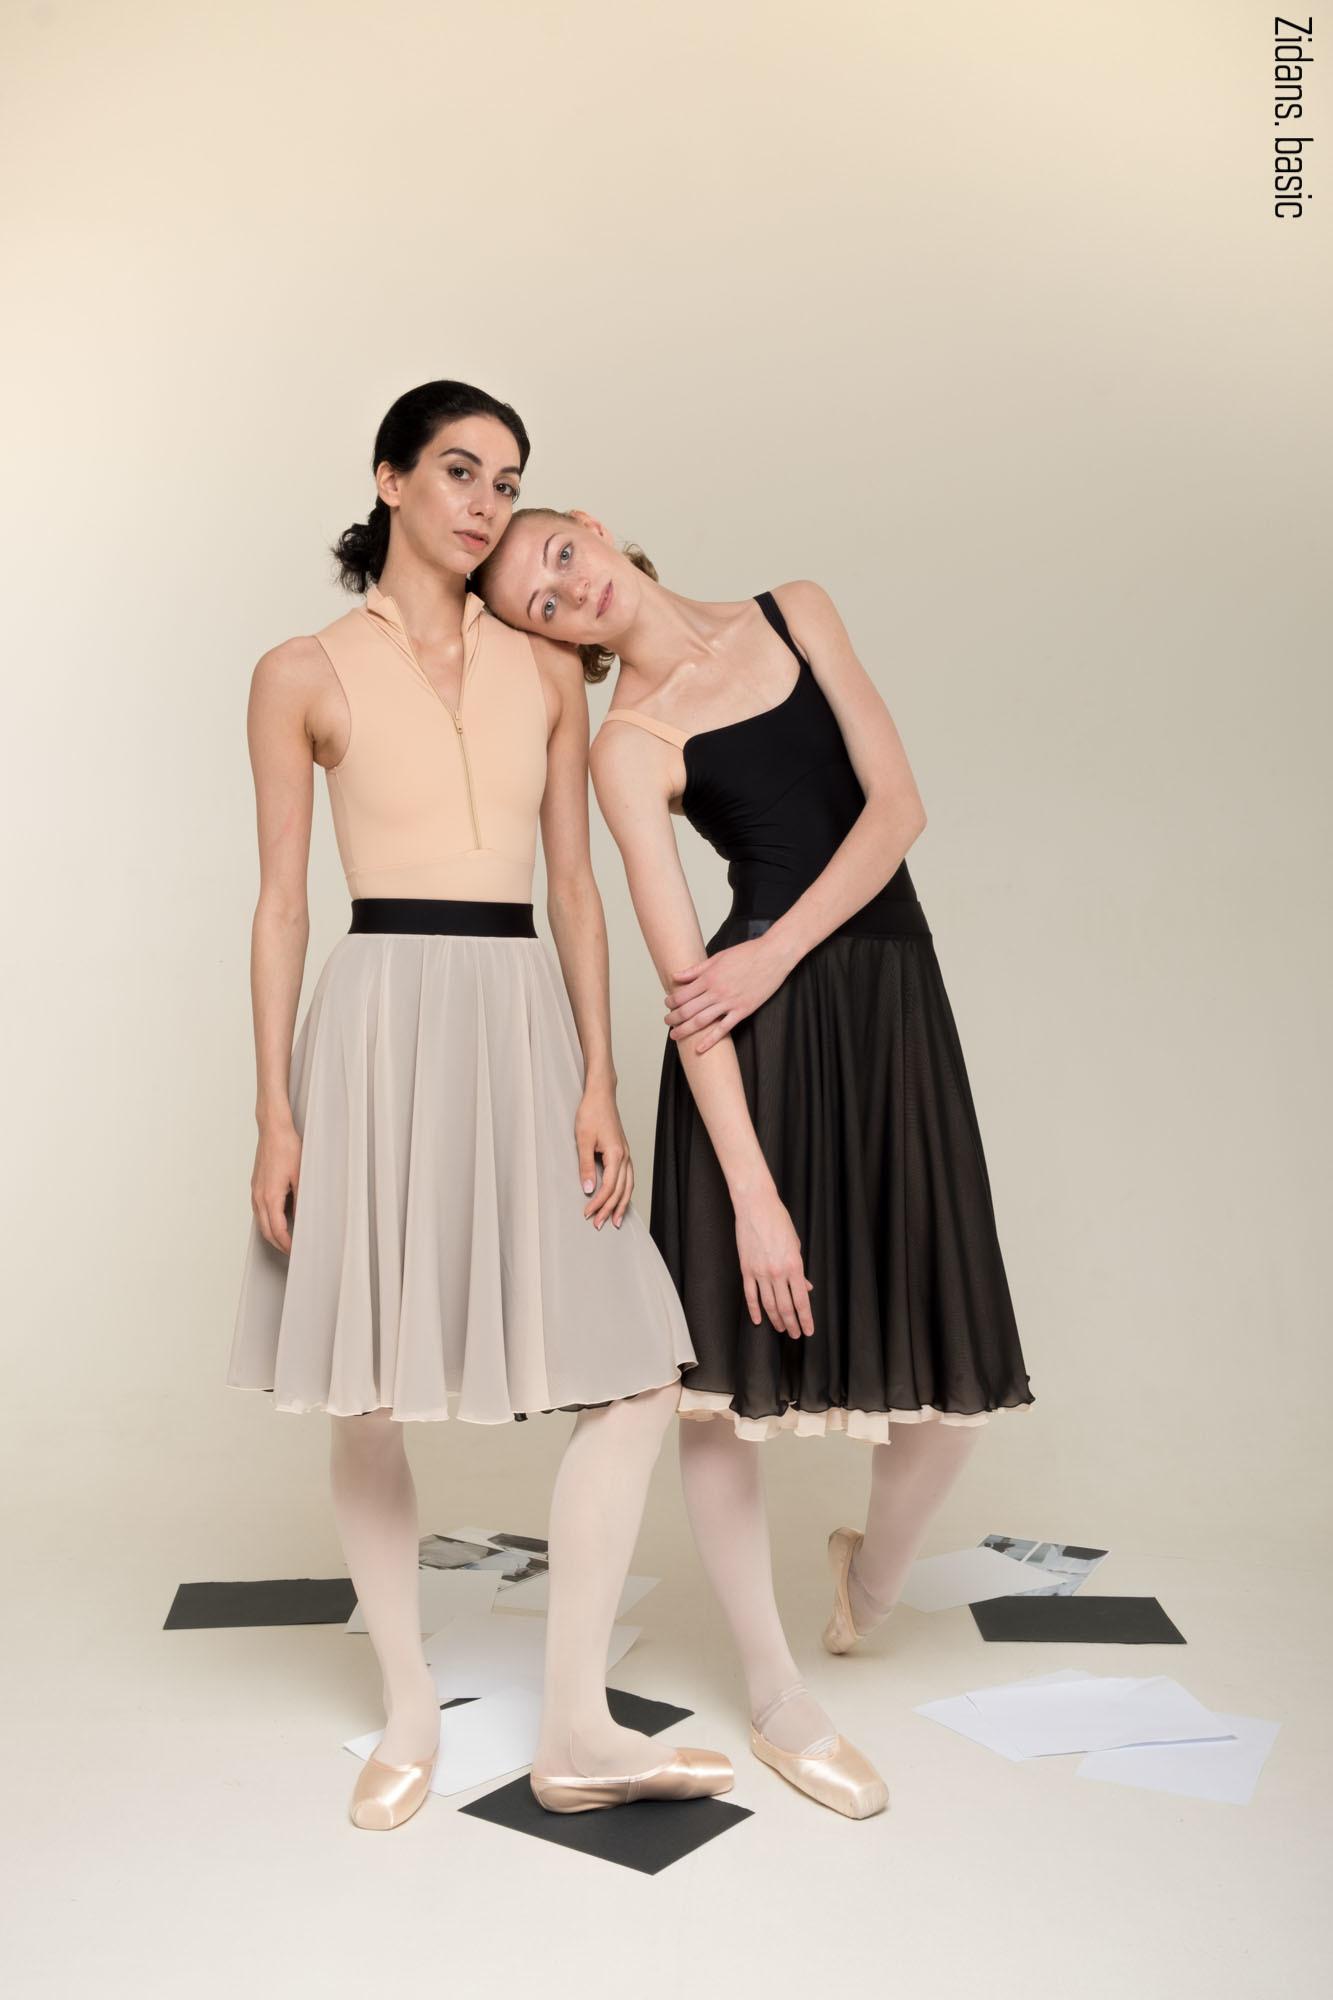 A4 (двусторонняя репетиционная юбка)